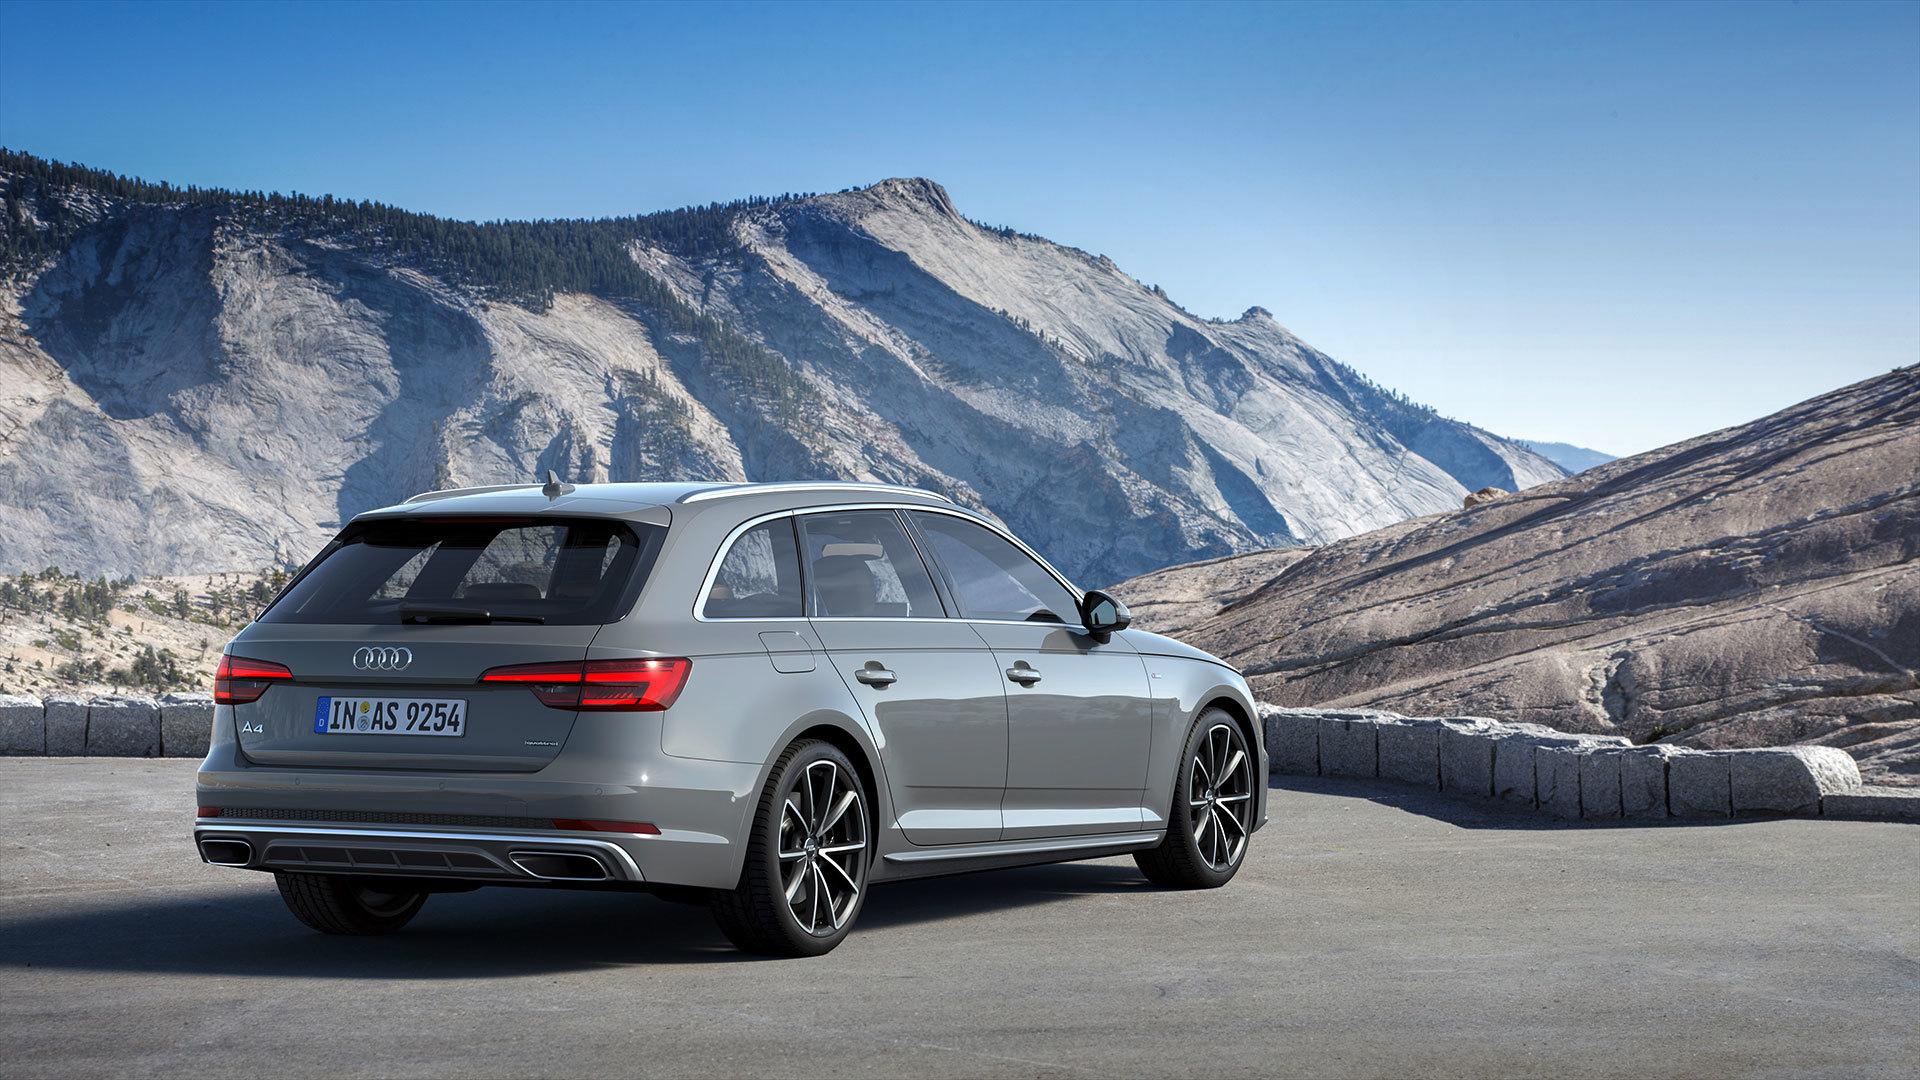 Audi A4 Avant 2018 04